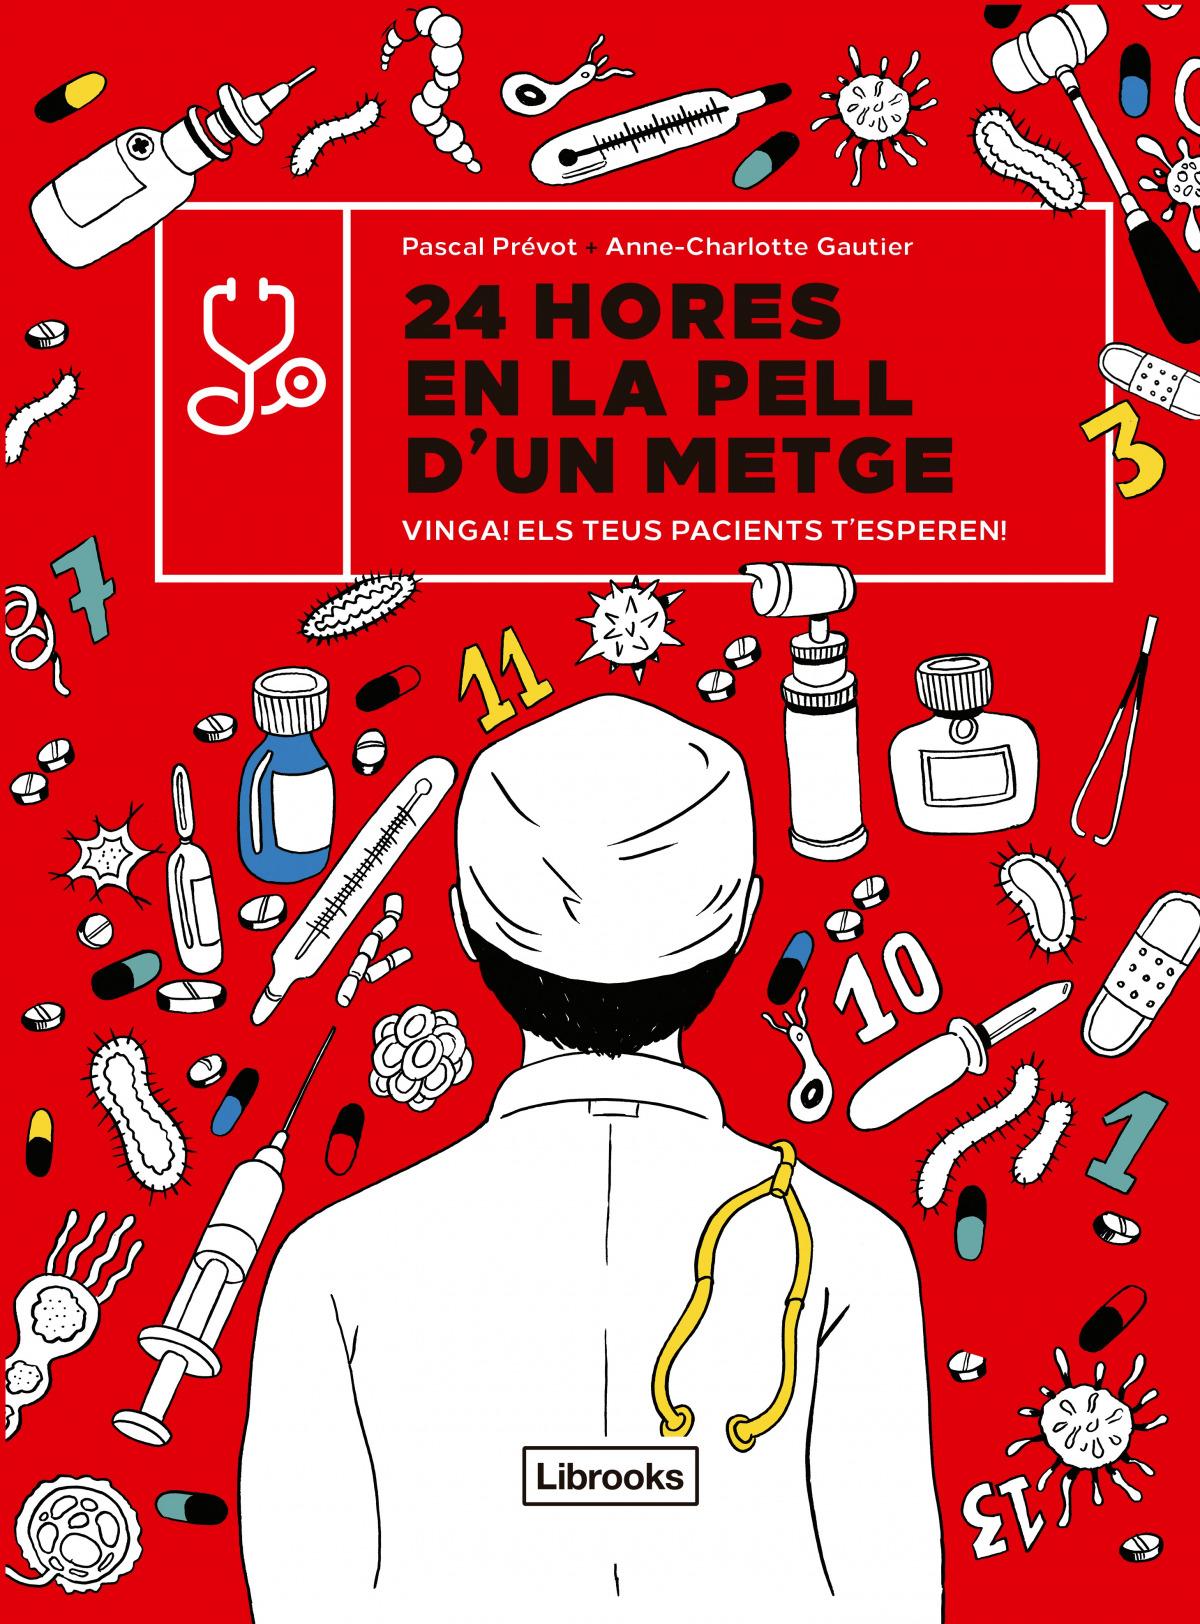 24 hores en la pell d'un metge